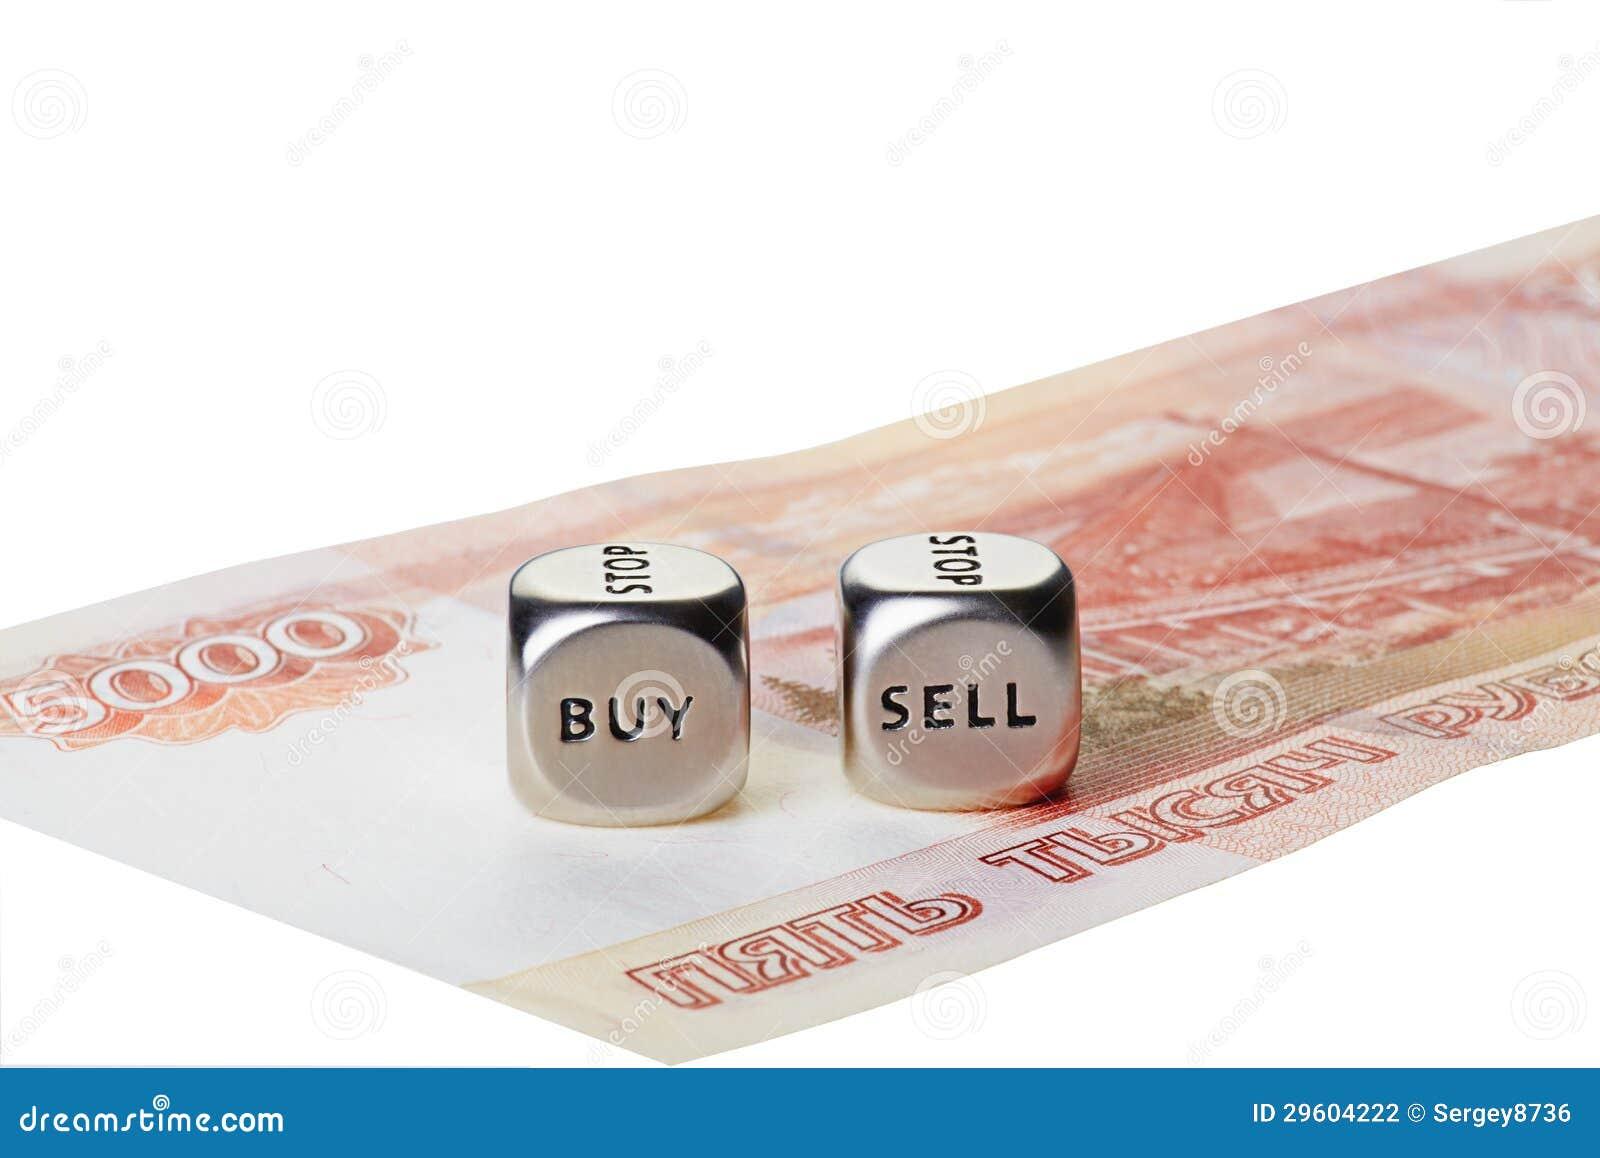 Två belägger med metall tärnar med uttrycker köp och Sell på fem tusen rouble